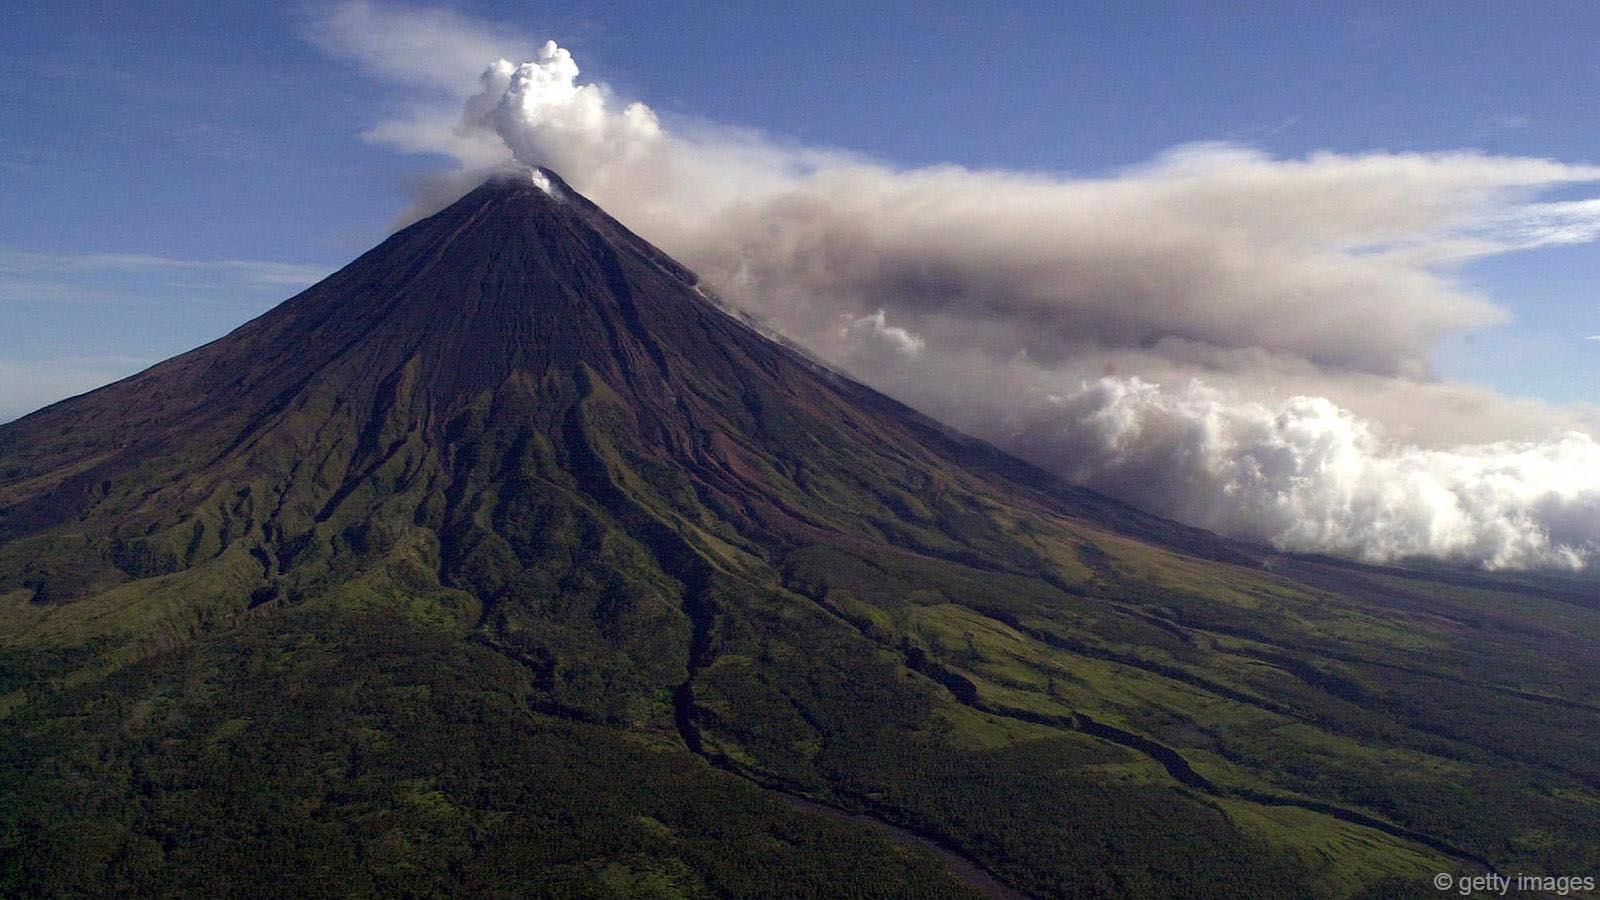 Choáng ngợp trước những núi lửa đẹp tuyệt mỹ - 2